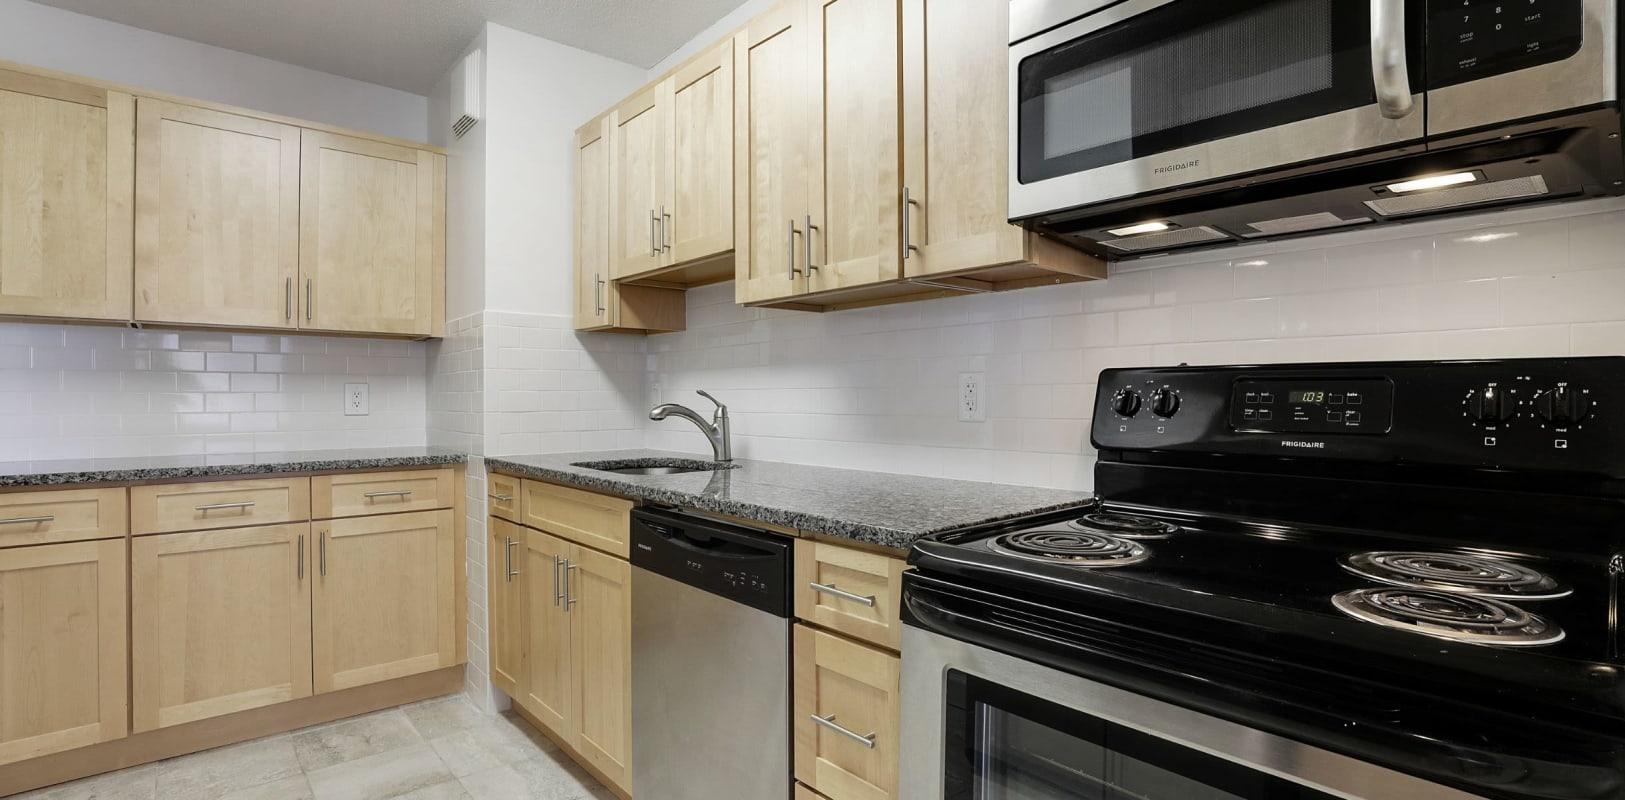 Modern, sleek kitchen at 140 Prospect in Hackensack, New Jersey